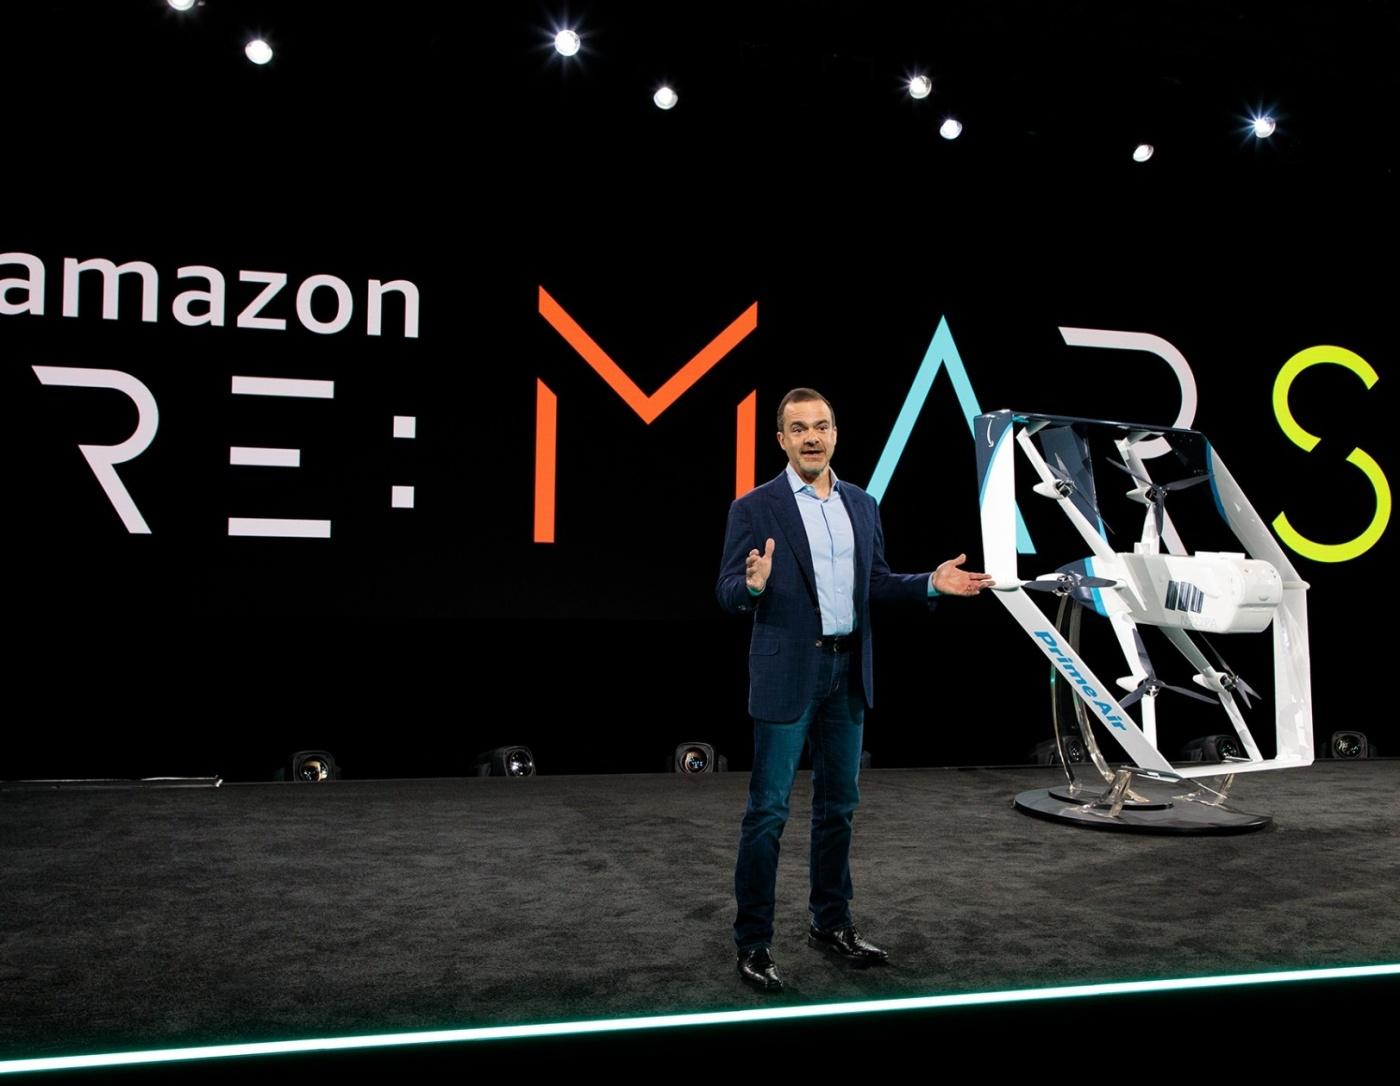 亞馬遜發表全新打造送貨神器,顛覆無人機刻板樣貌